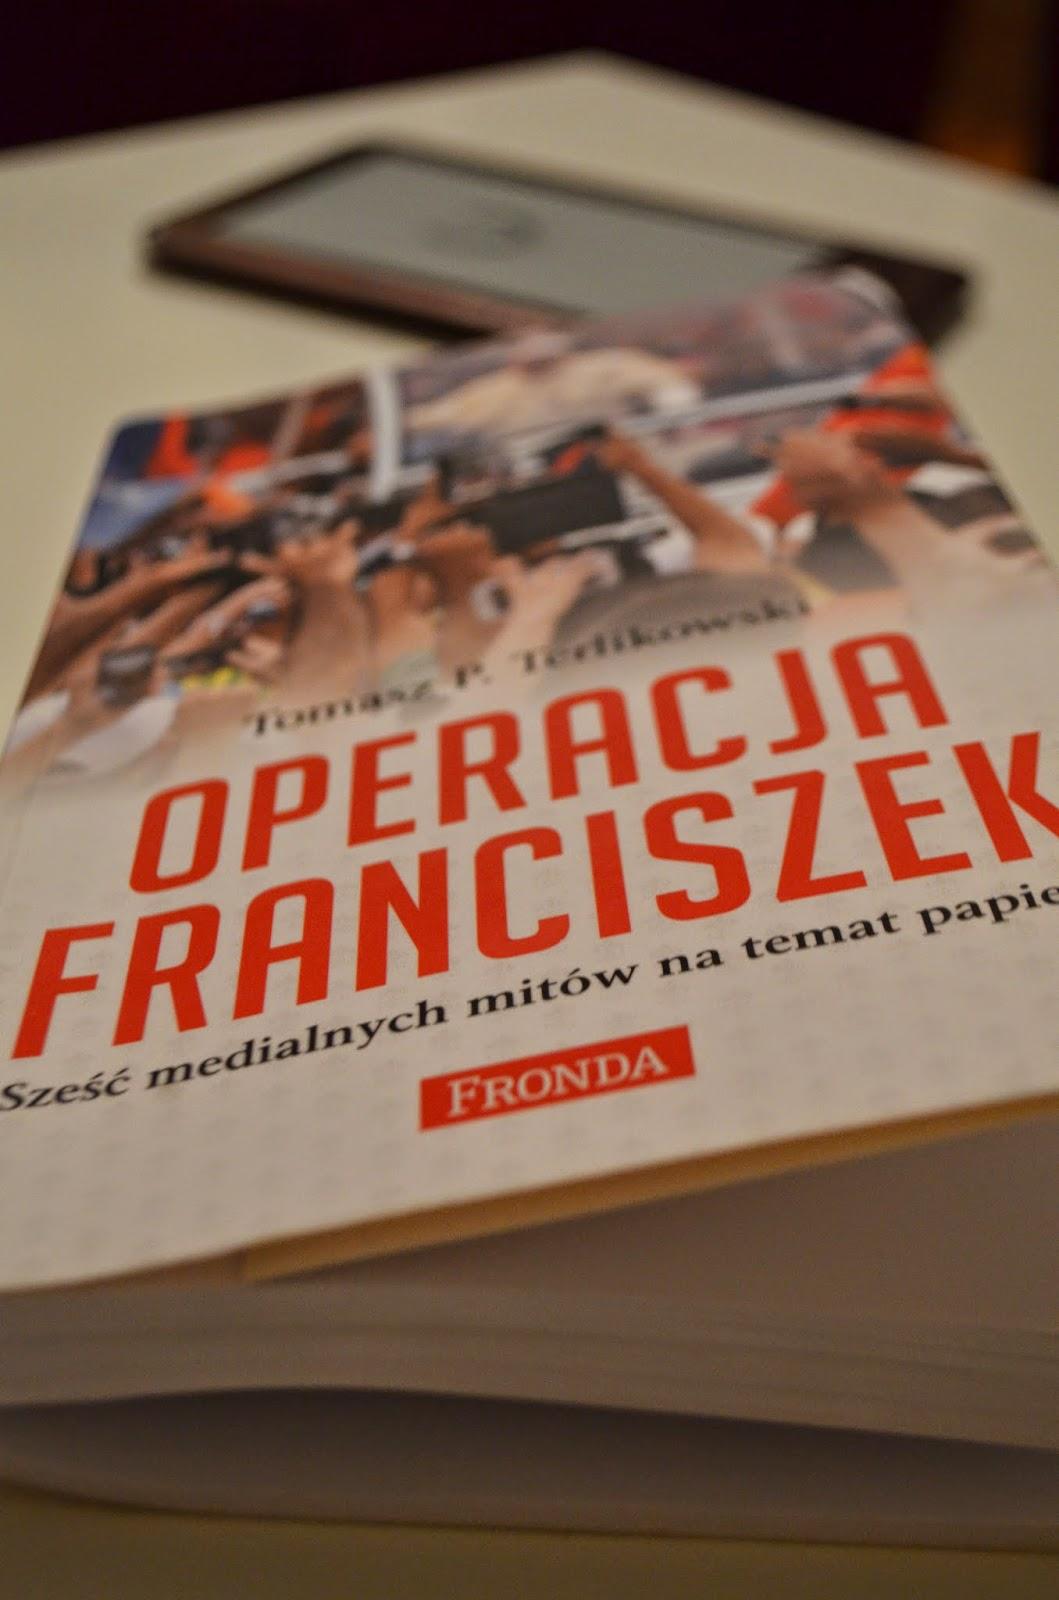 http://www.wydawnictwofronda.pl/operacja-franciszek-szesc-medialnych-mitow-na-temat-papieza